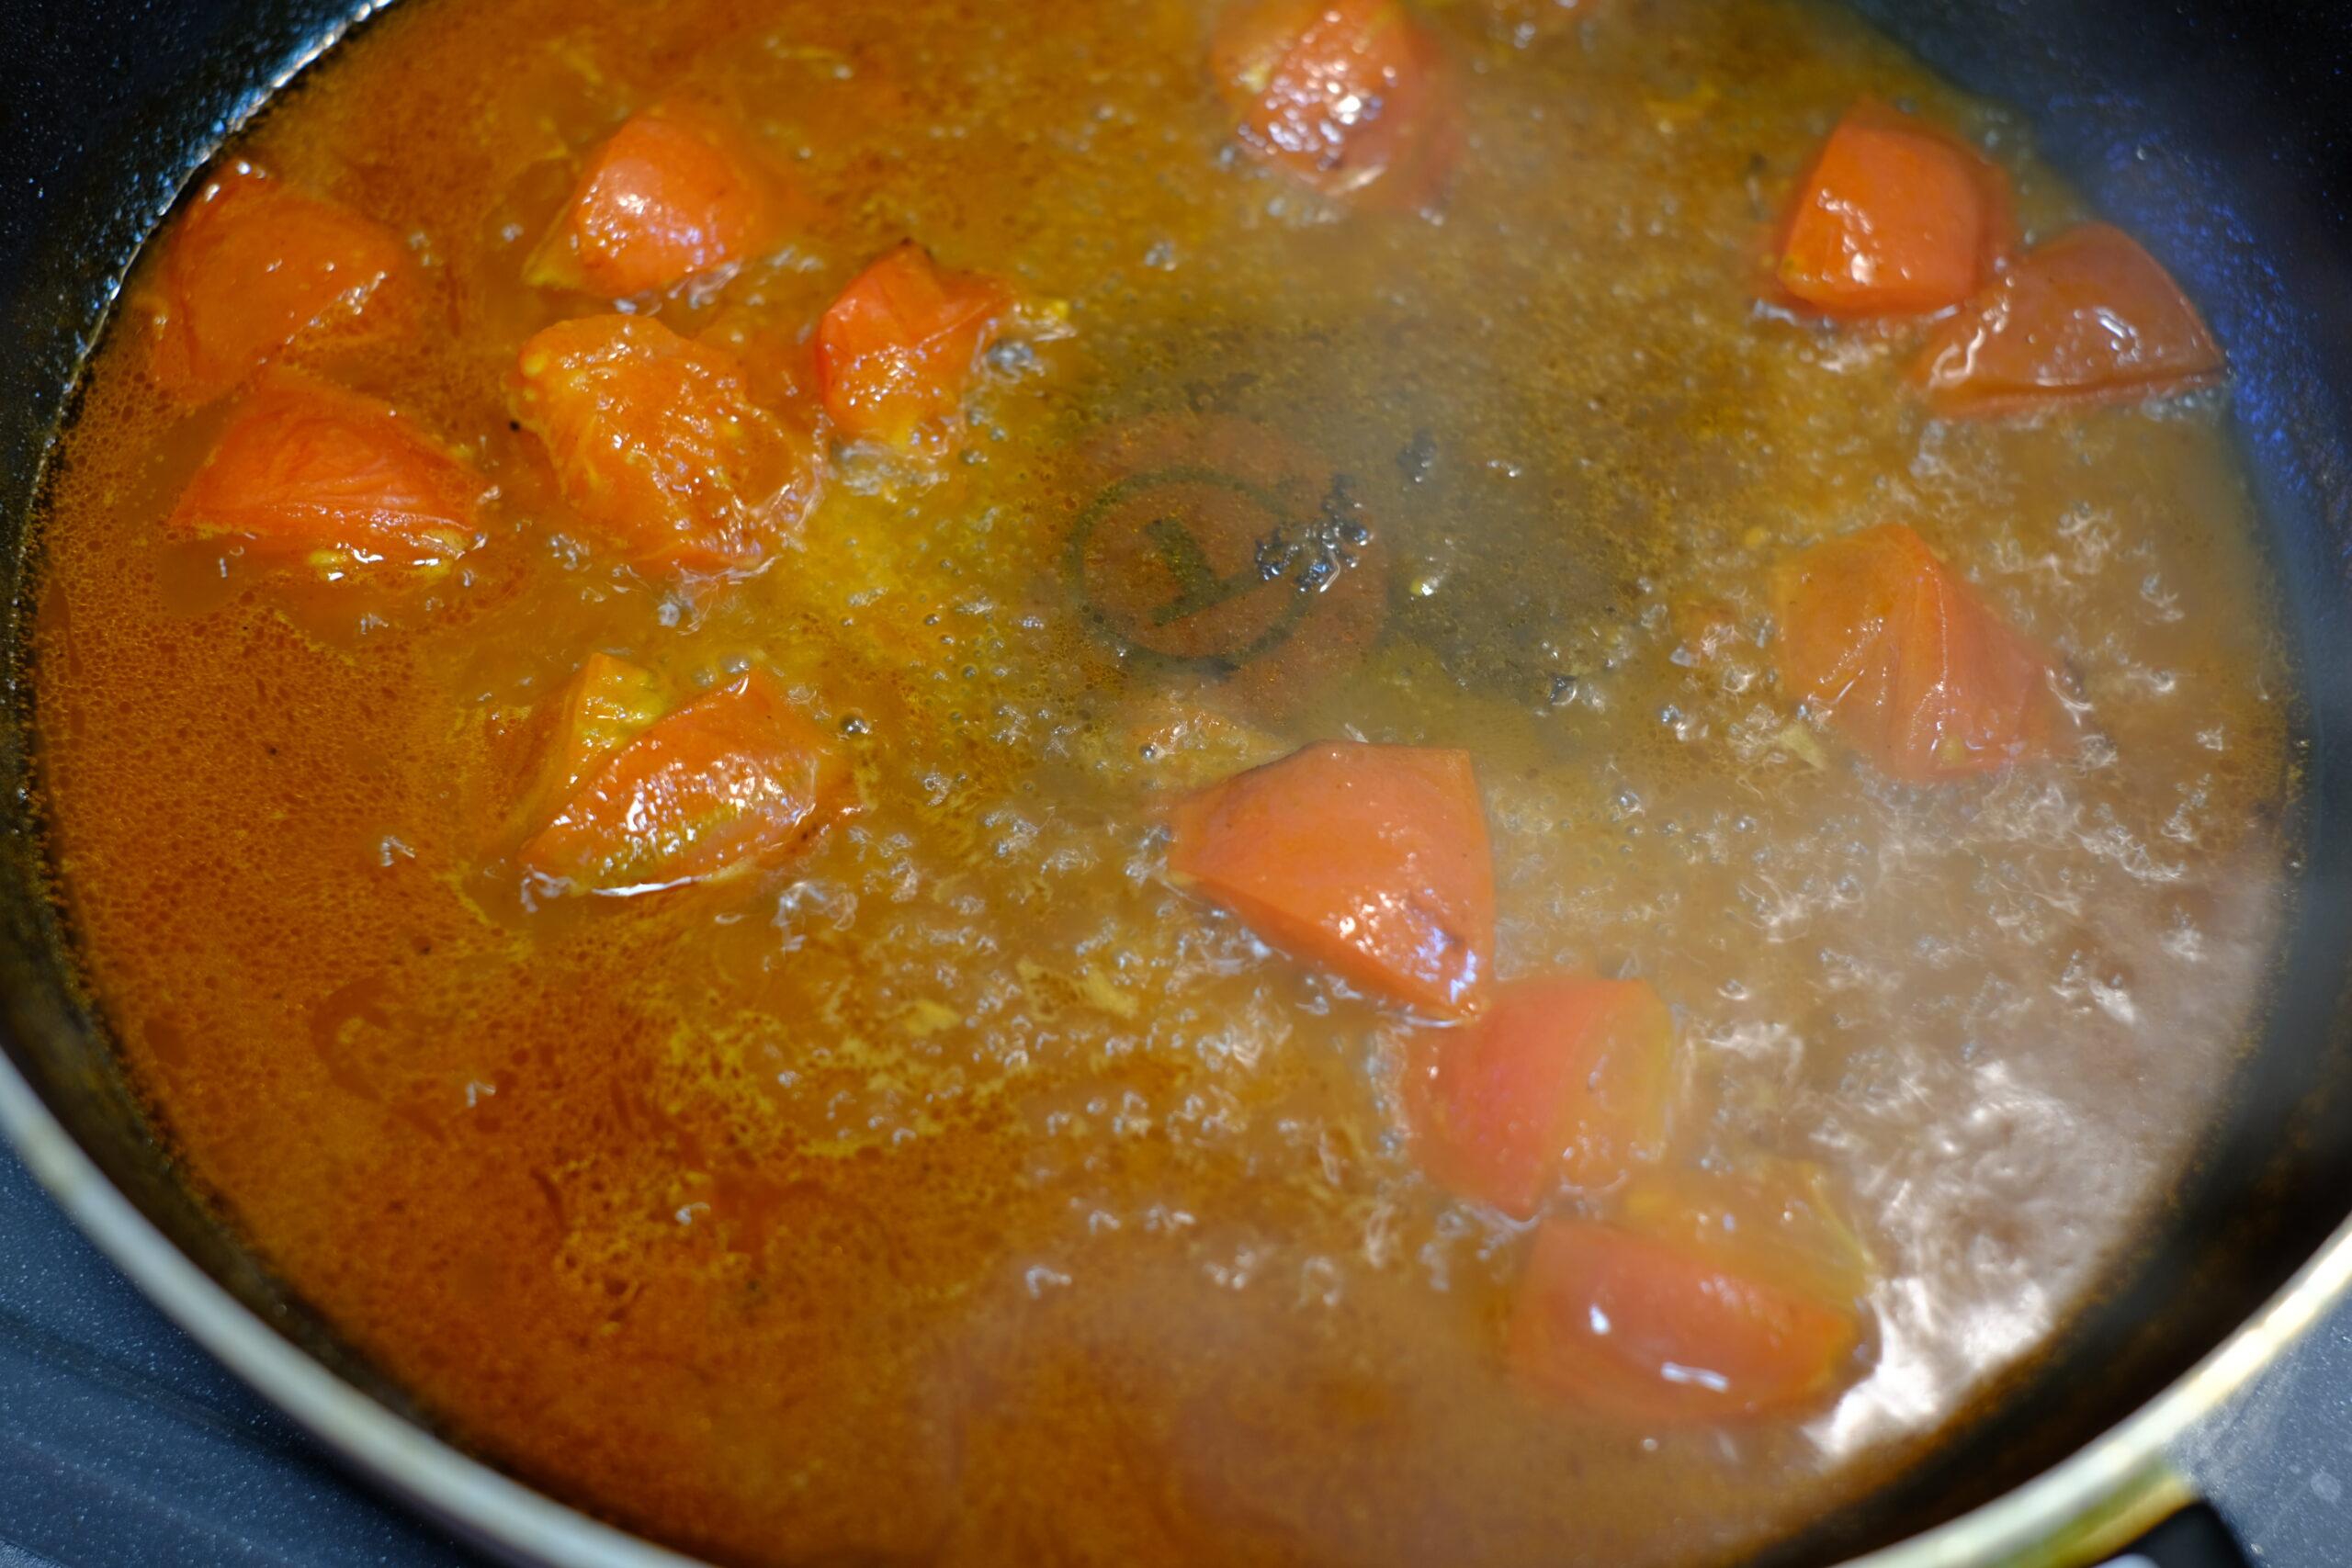 トマトを炒めたところに海老ソースを加え煮詰めている画像